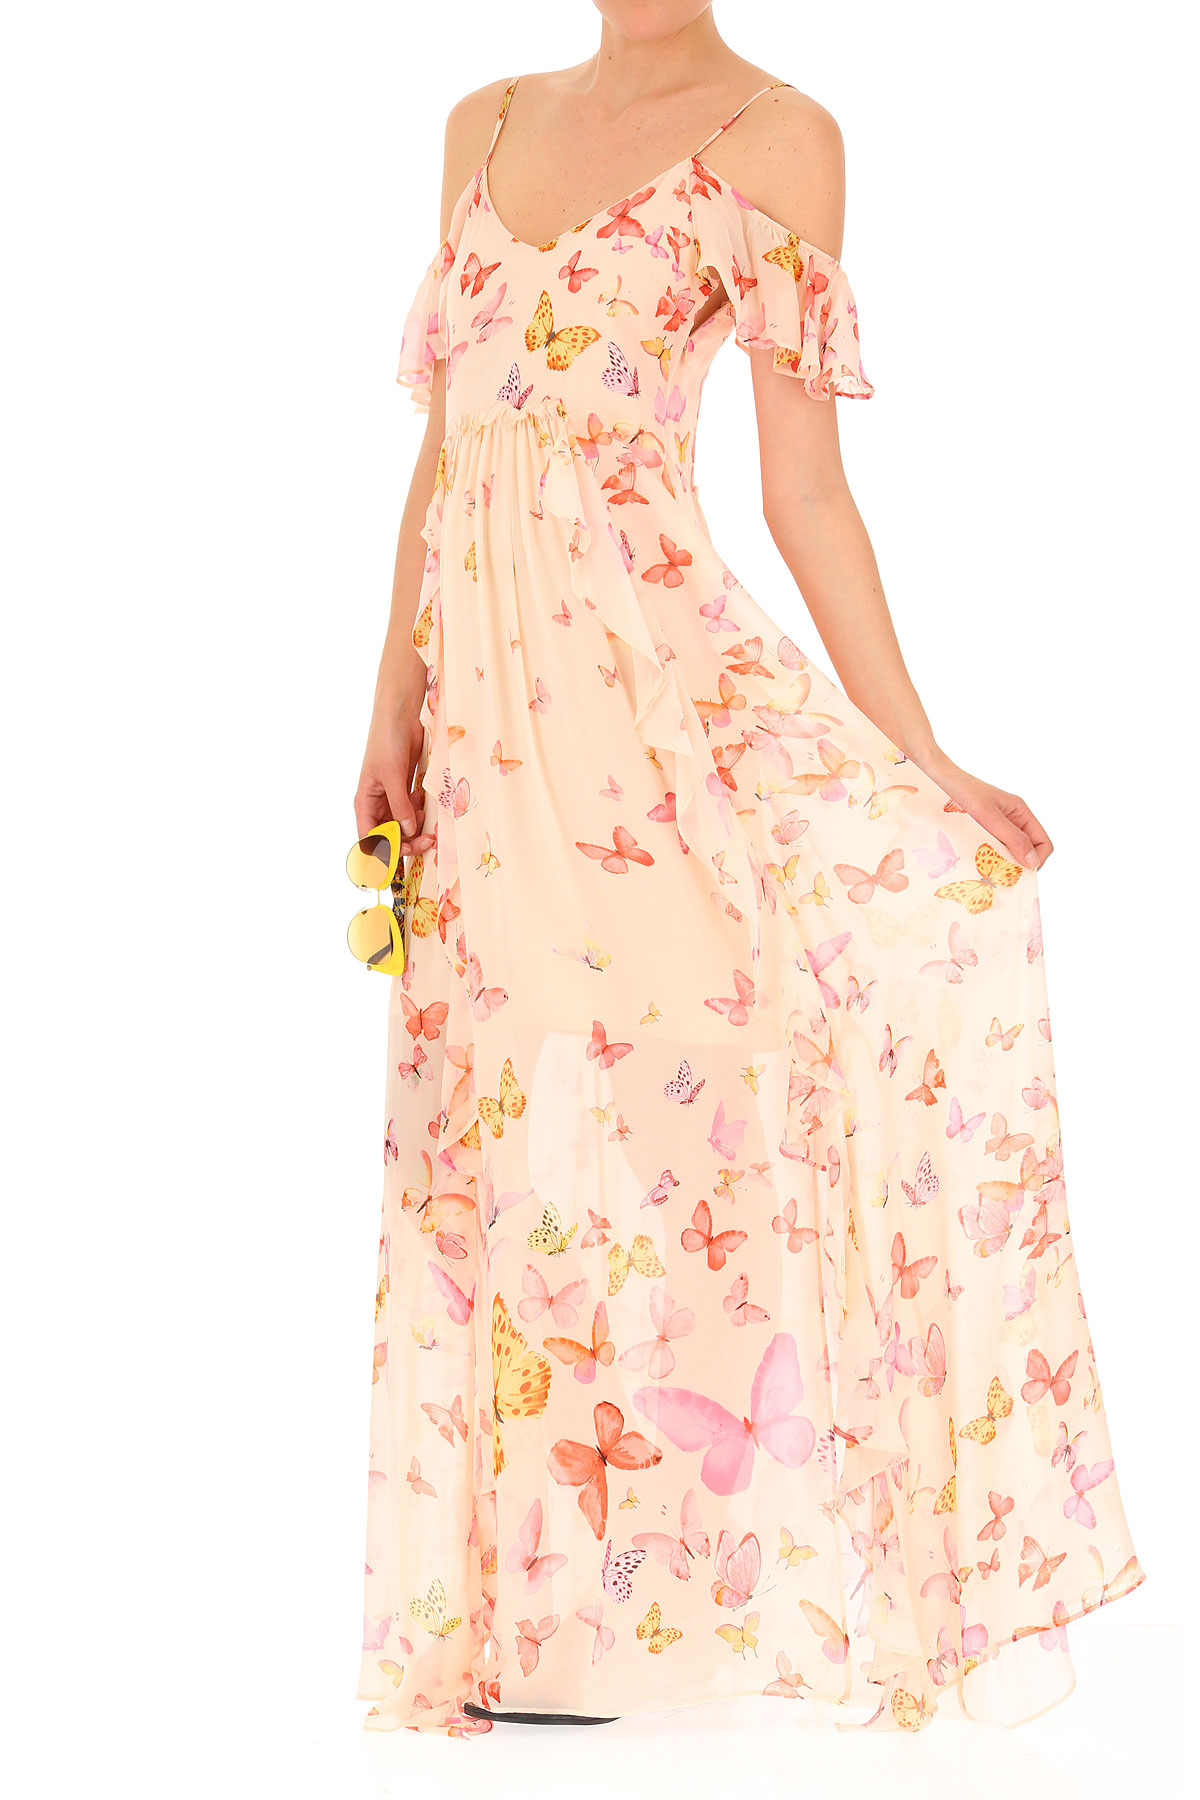 verano Set Primavera 2019 Para Barbieri nbsp; By Simona Ropa Twin Rosa Mujer AwSq81nx